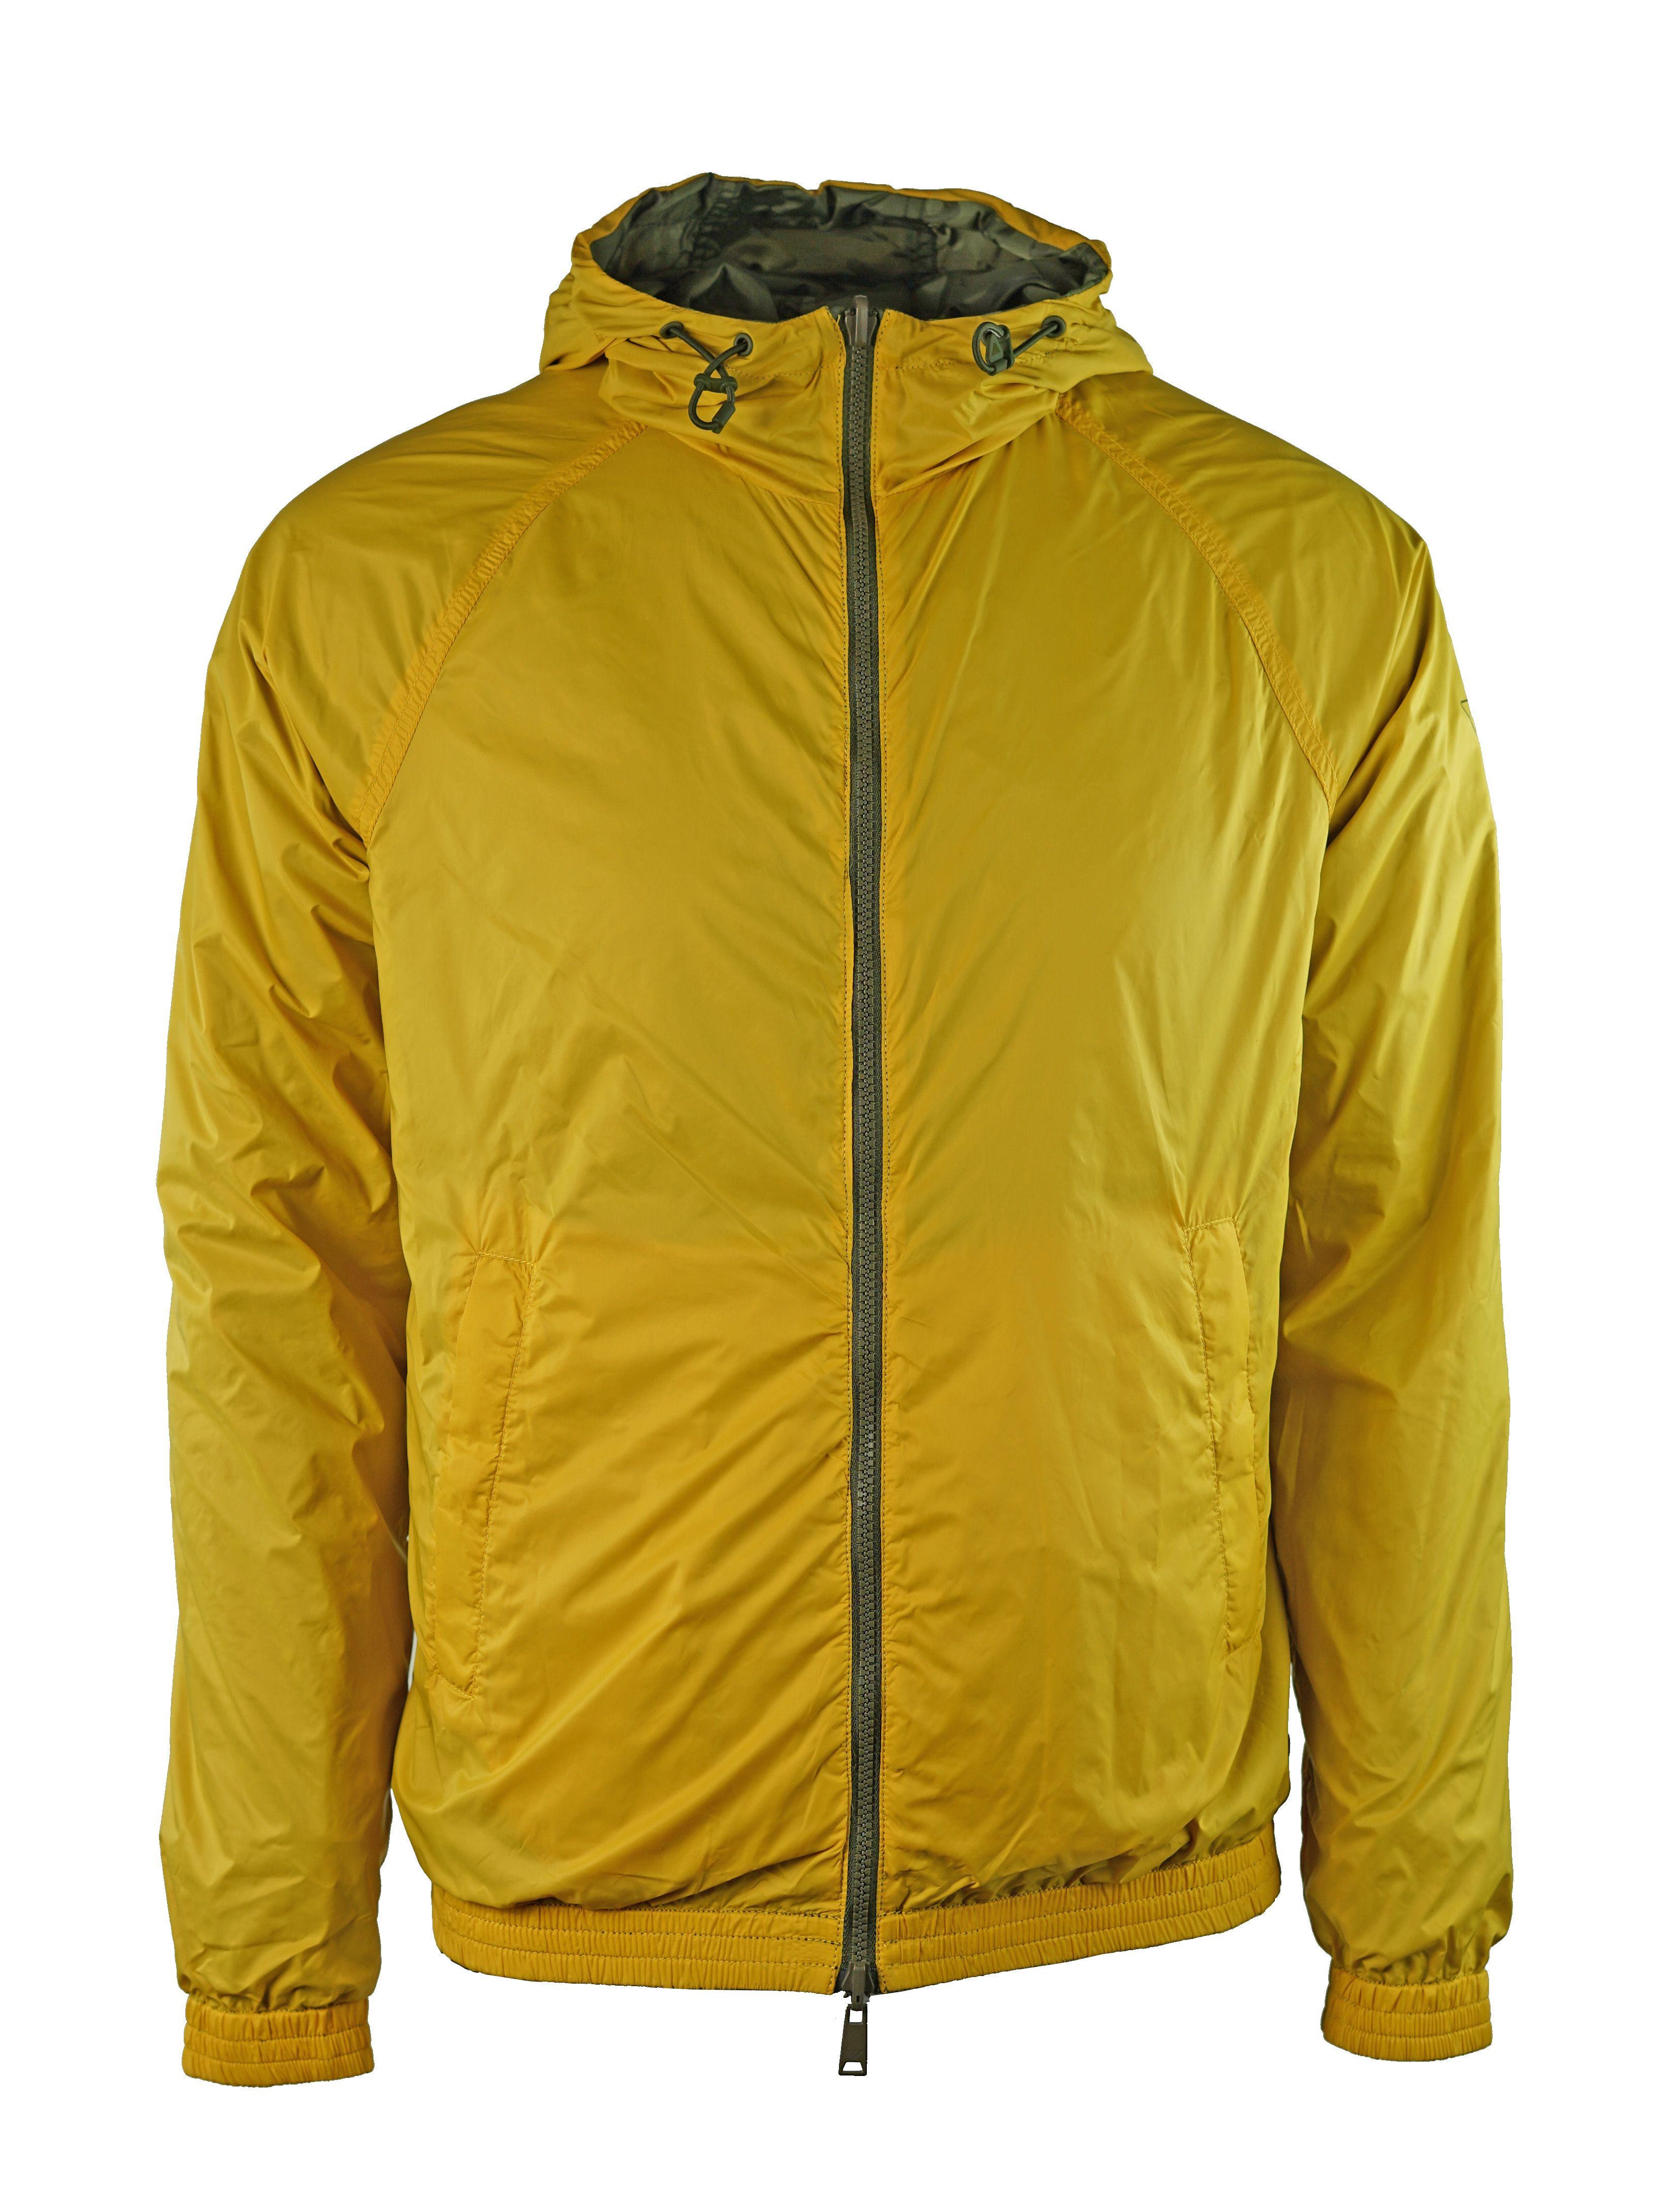 Emporio Armani 3Z1B88 1NSKZ  F501 Jacket